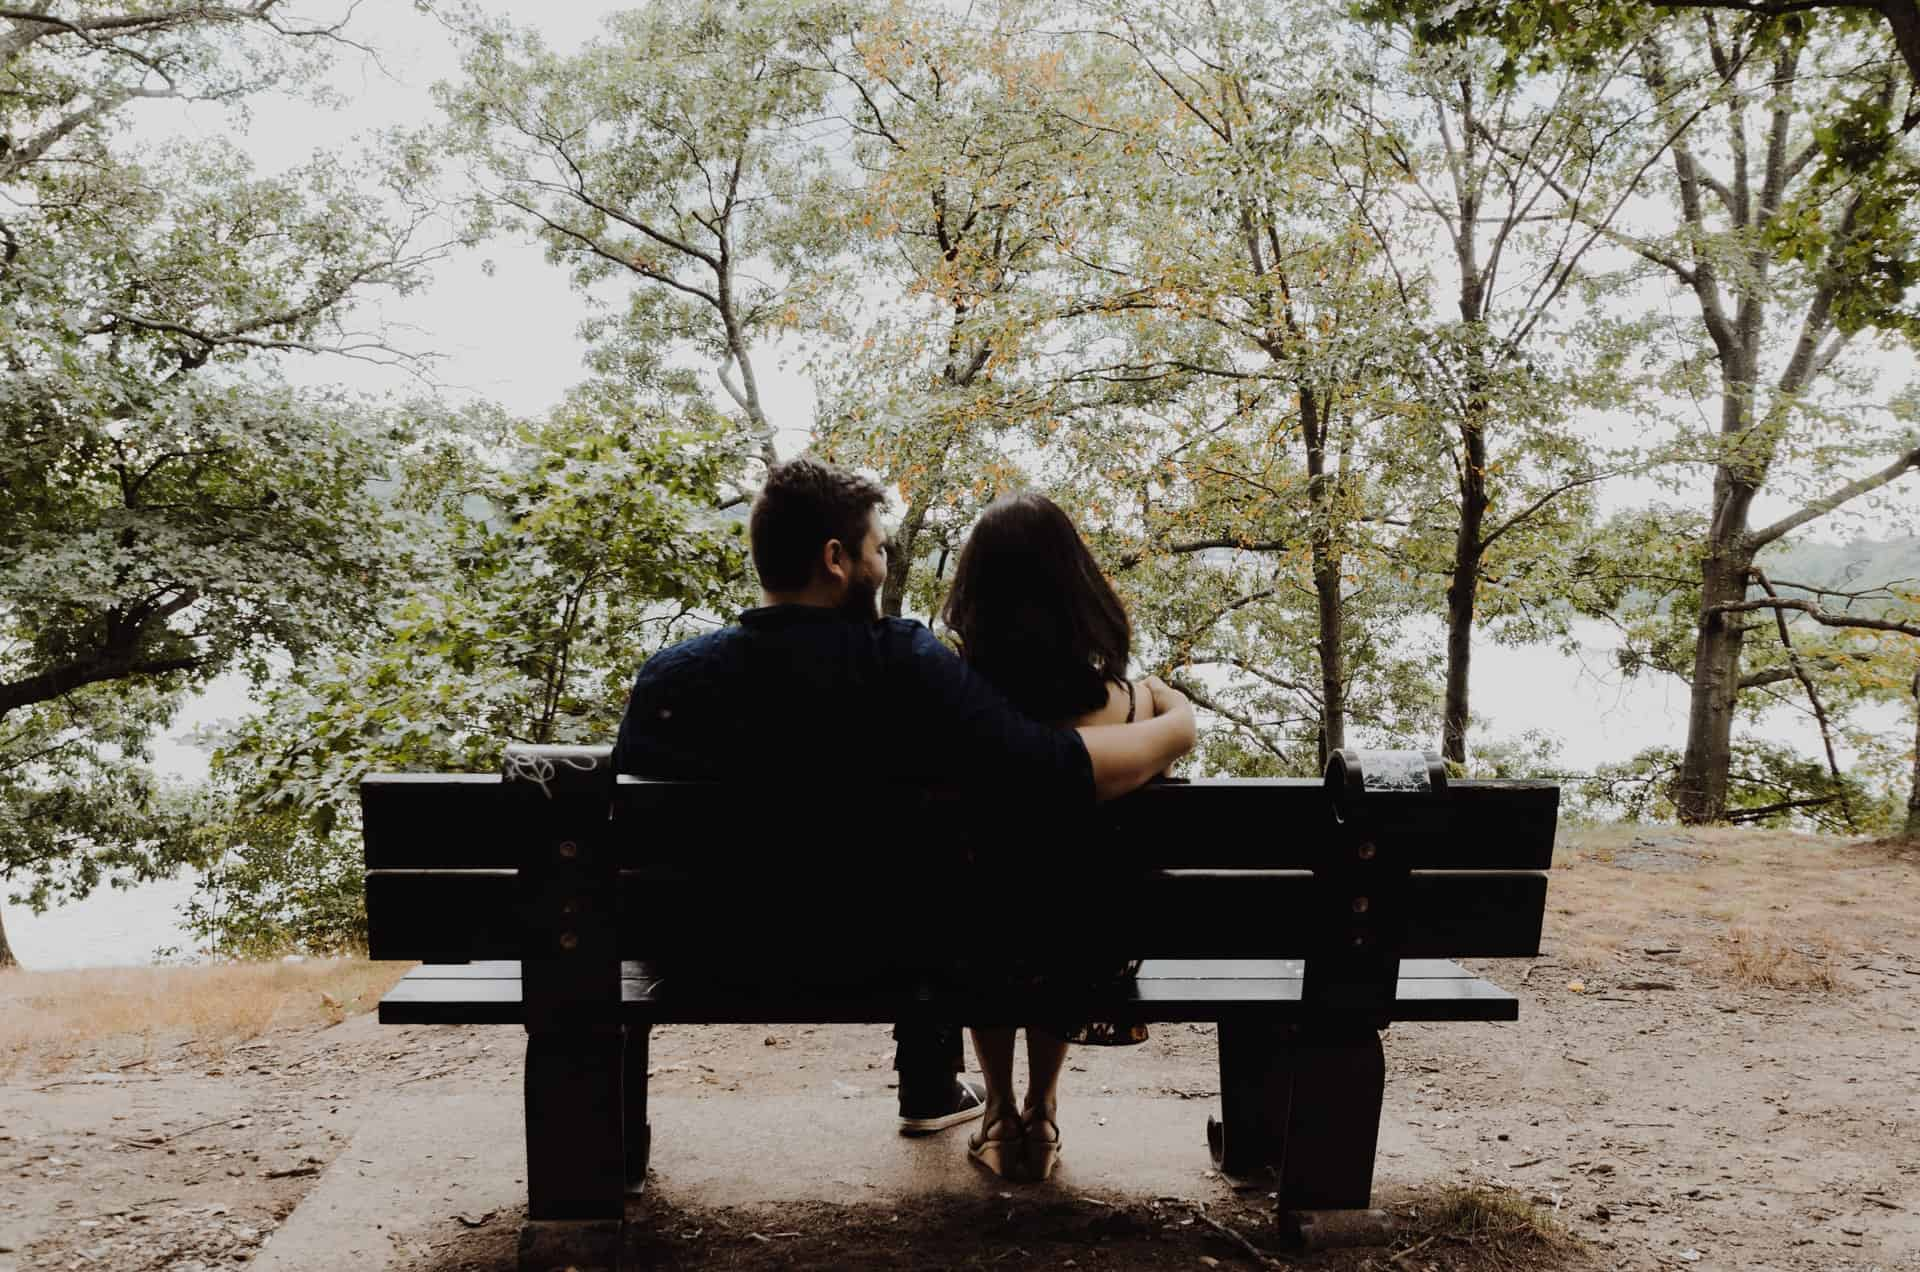 Ein Mann und eine Frau sitzen auf einer Bank